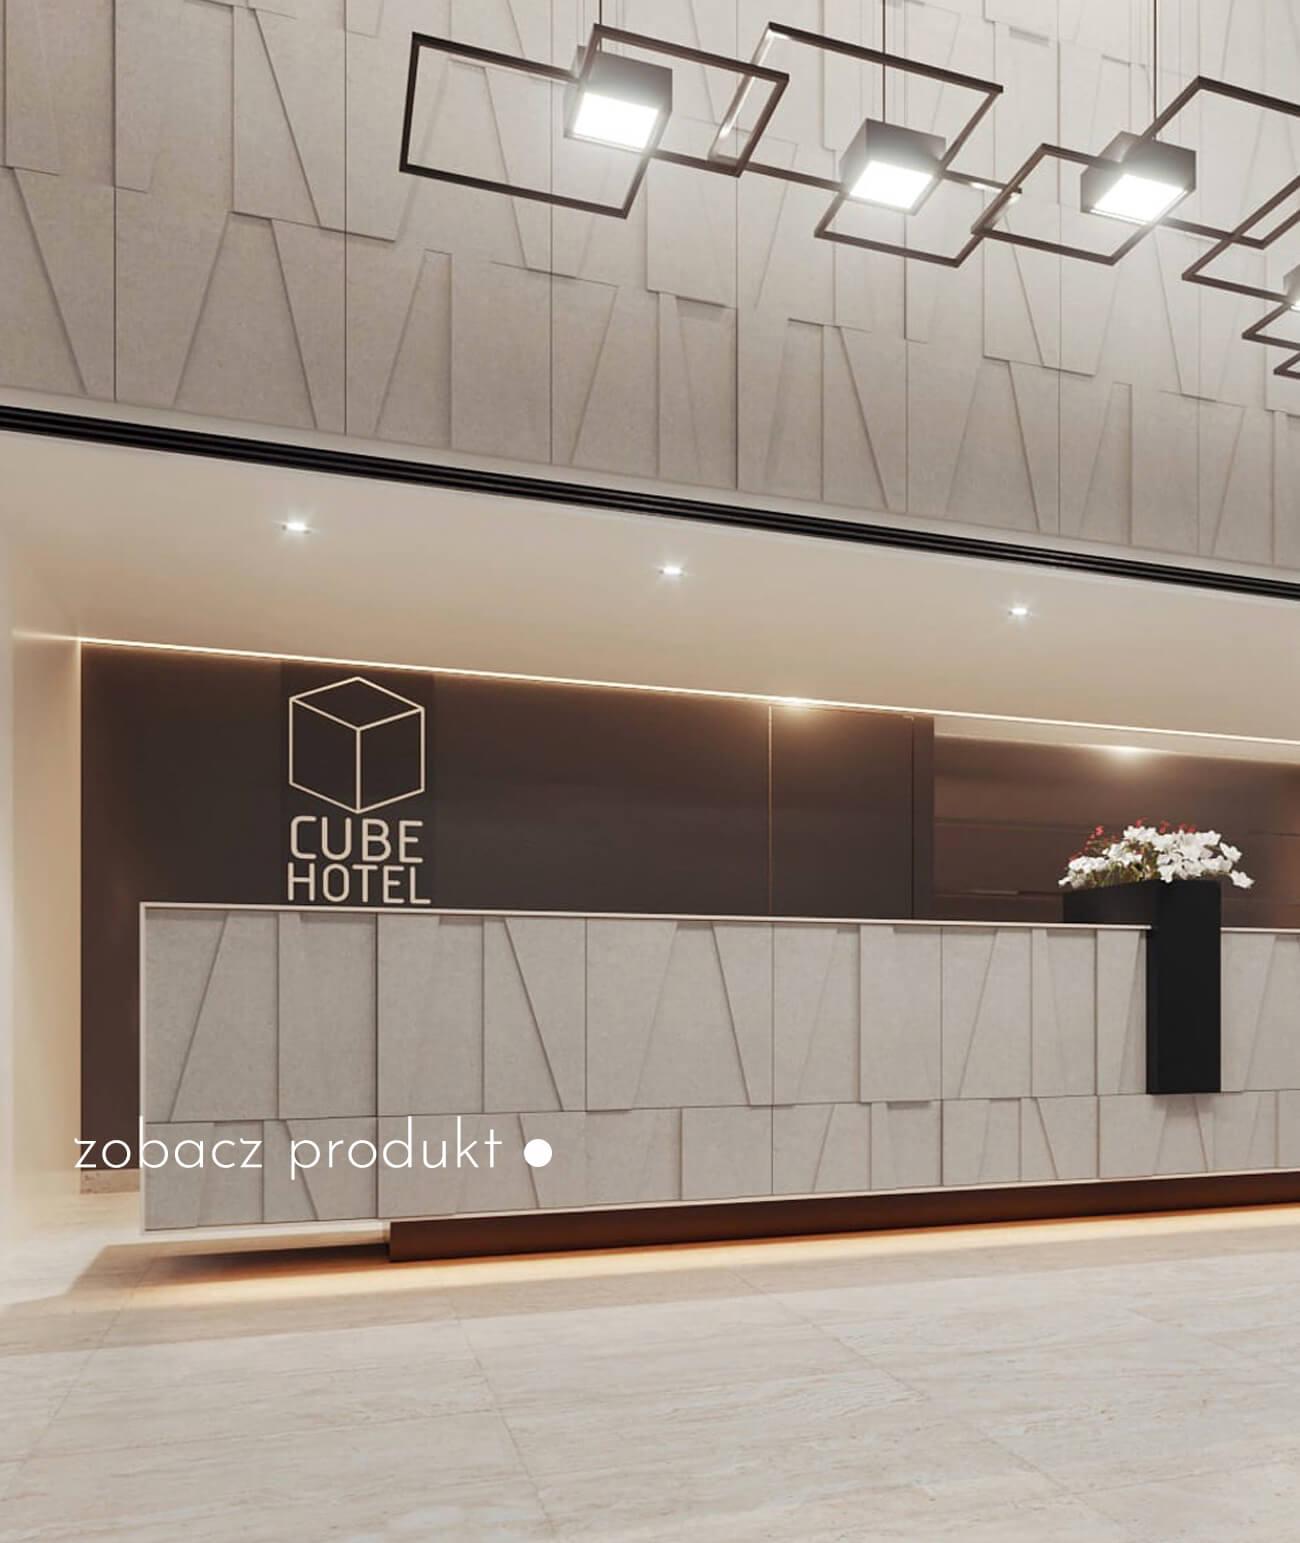 panele-betonowe-3d-scienne-i-elewacyjne-beton-architektoniczny_421-2308-pb10-b0-bialy-mozaika---panel-dekor-3d-beton-architektoniczny-panel-scienny